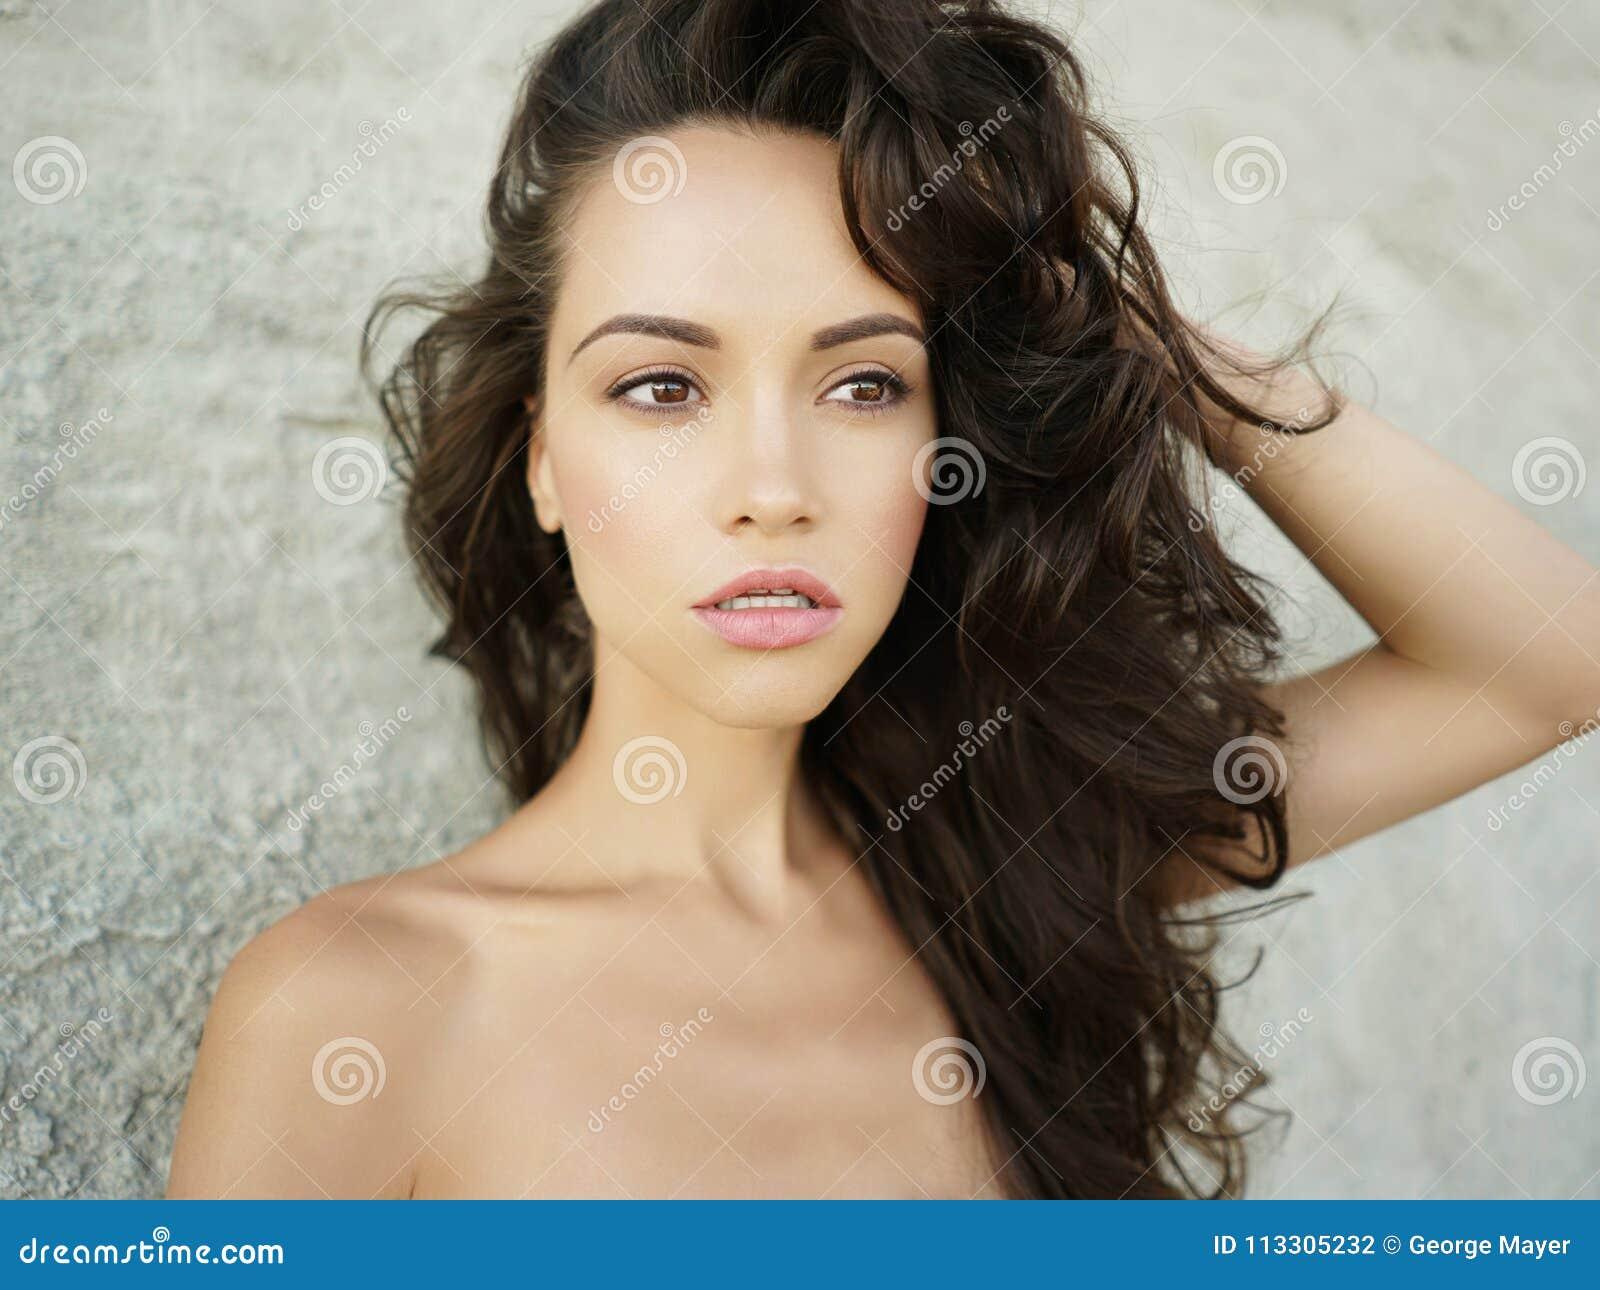 Foto conservada em estoque da mulher triguenha alta bonita na praia no